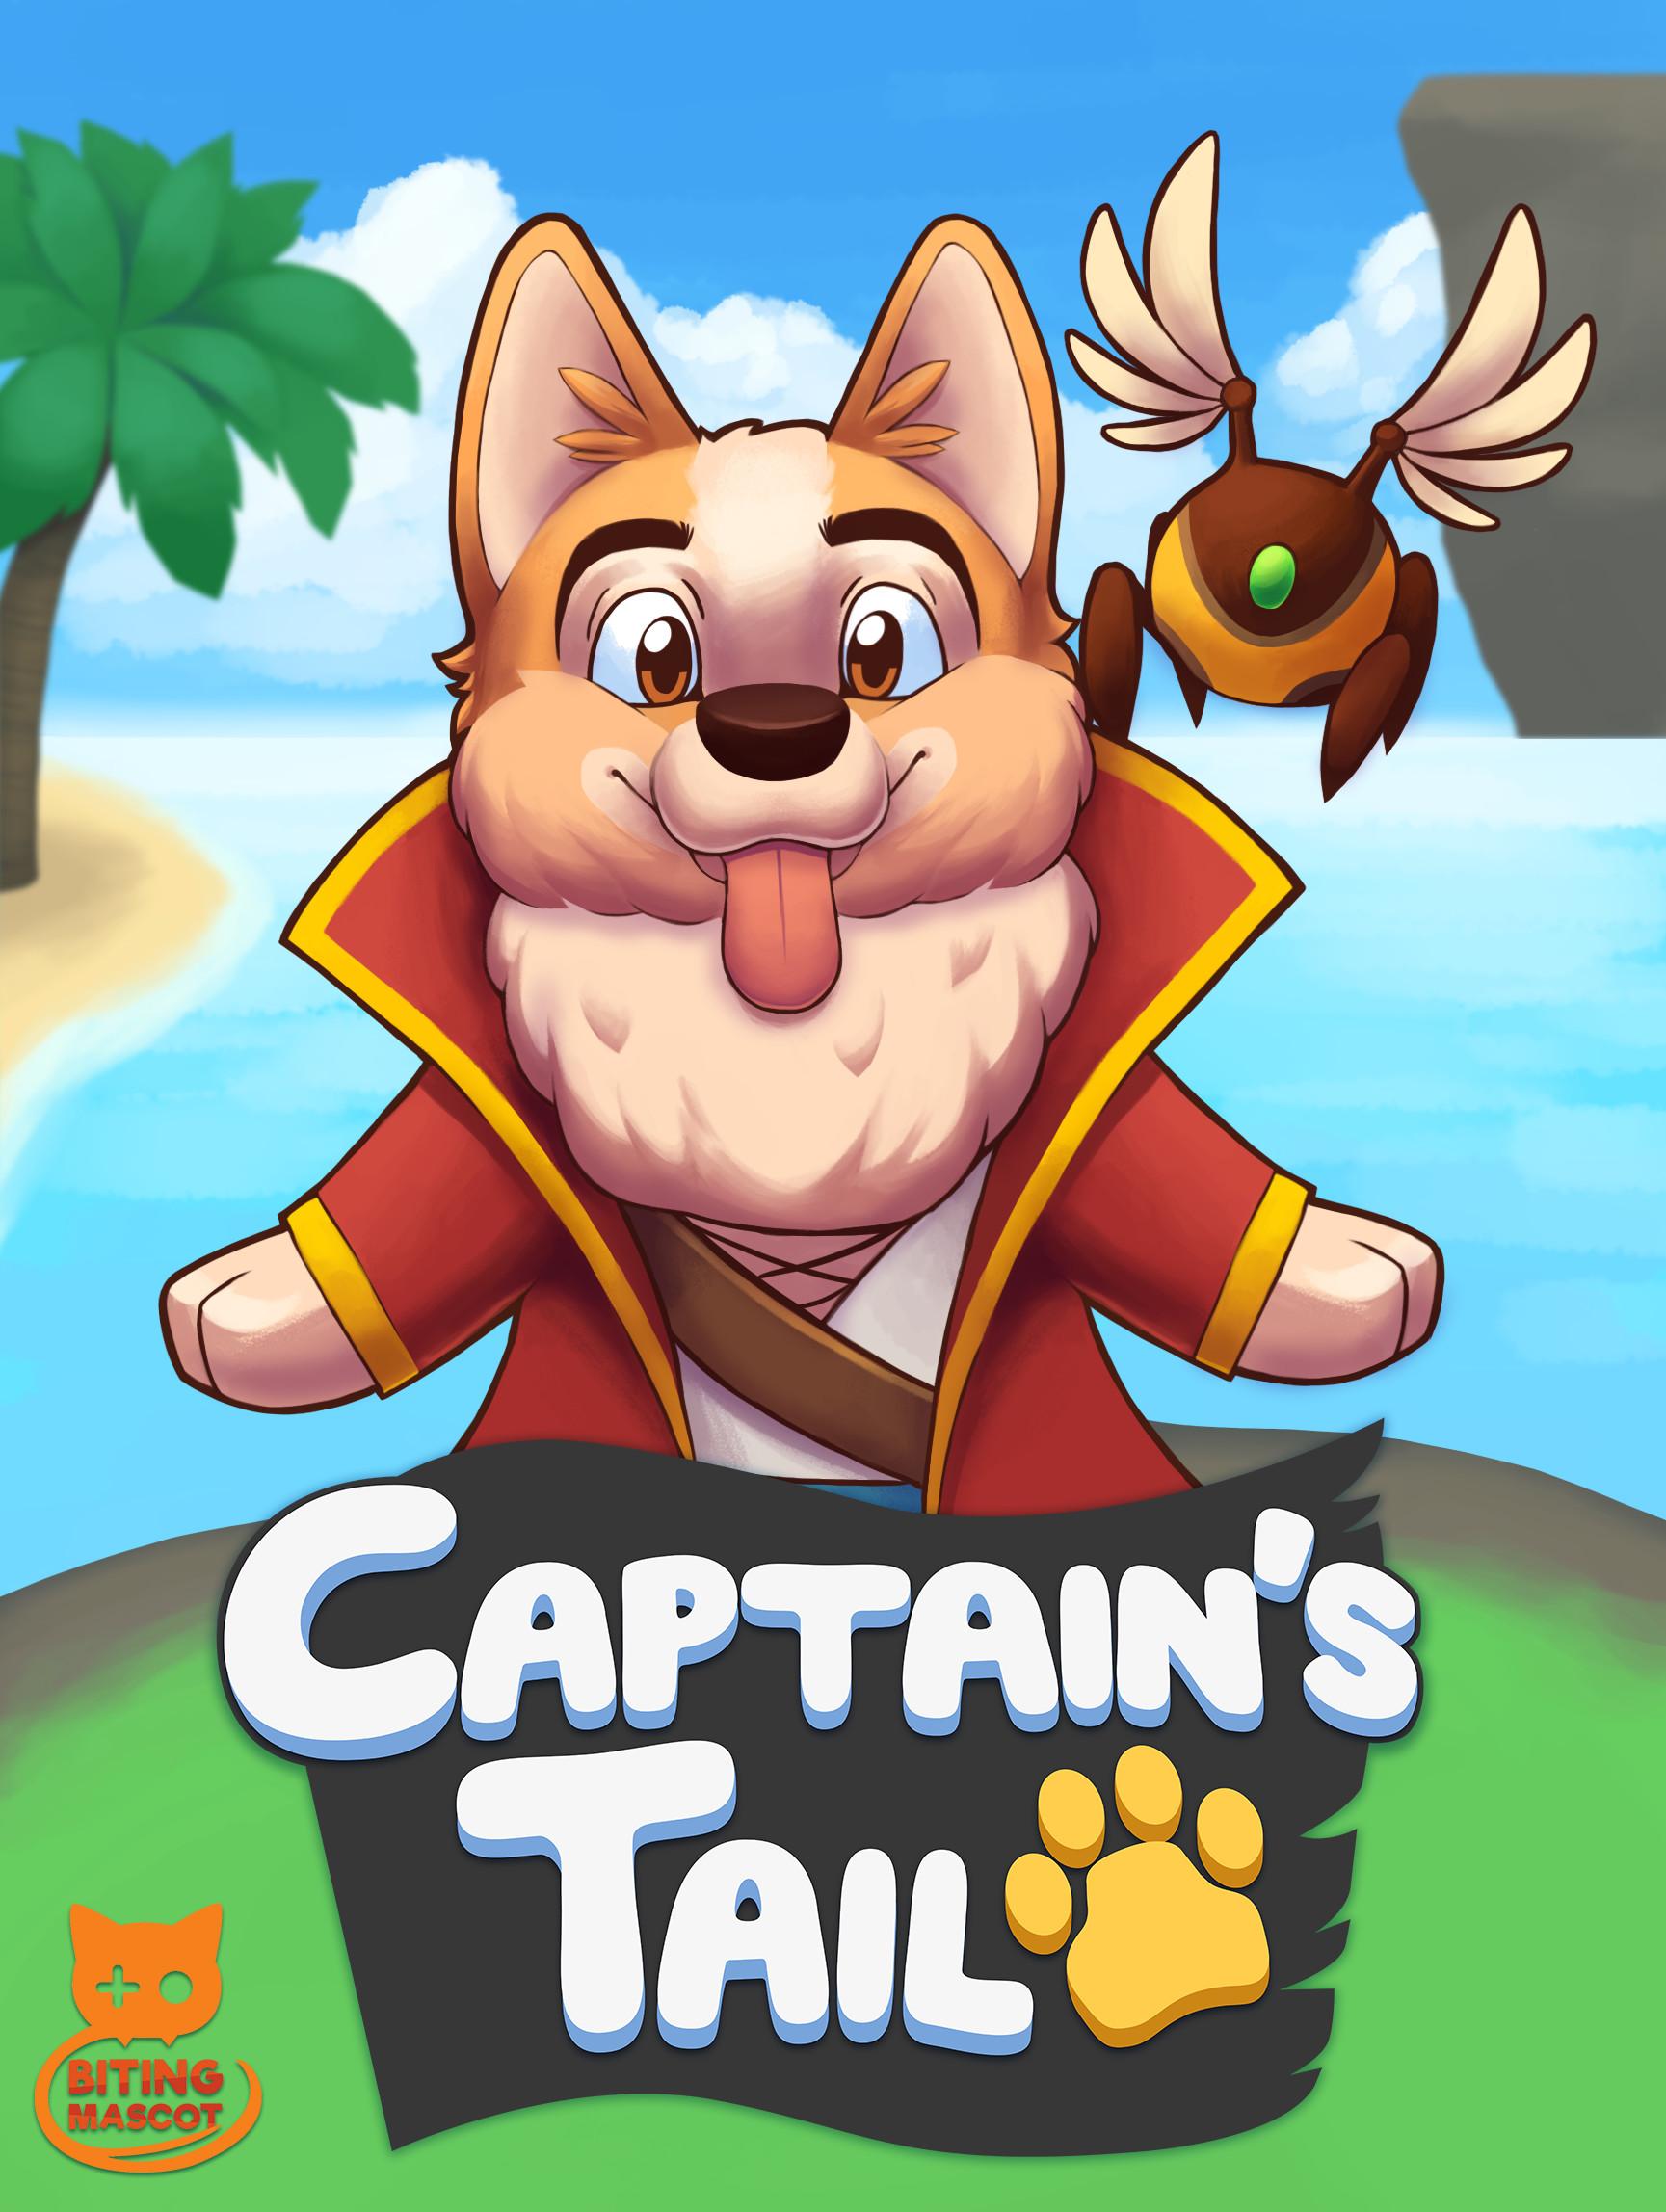 Helmi kinnunen captainstail poster